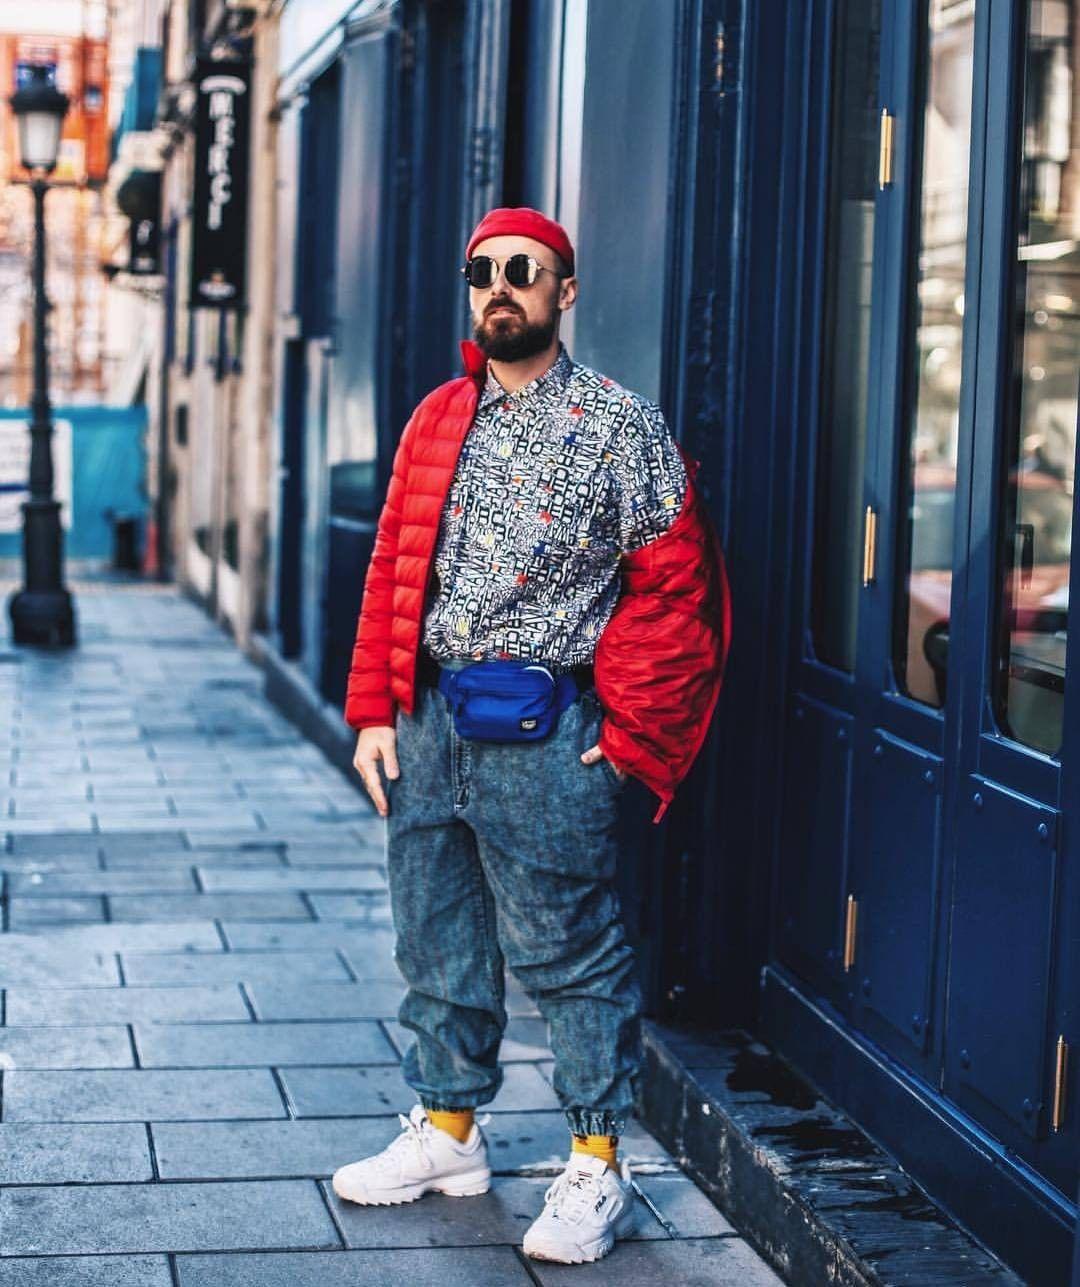 Chico modelo de Magpie (tienda de ropa vintage en Madrid) en la calle con chaqueta roja y gafas de sol.